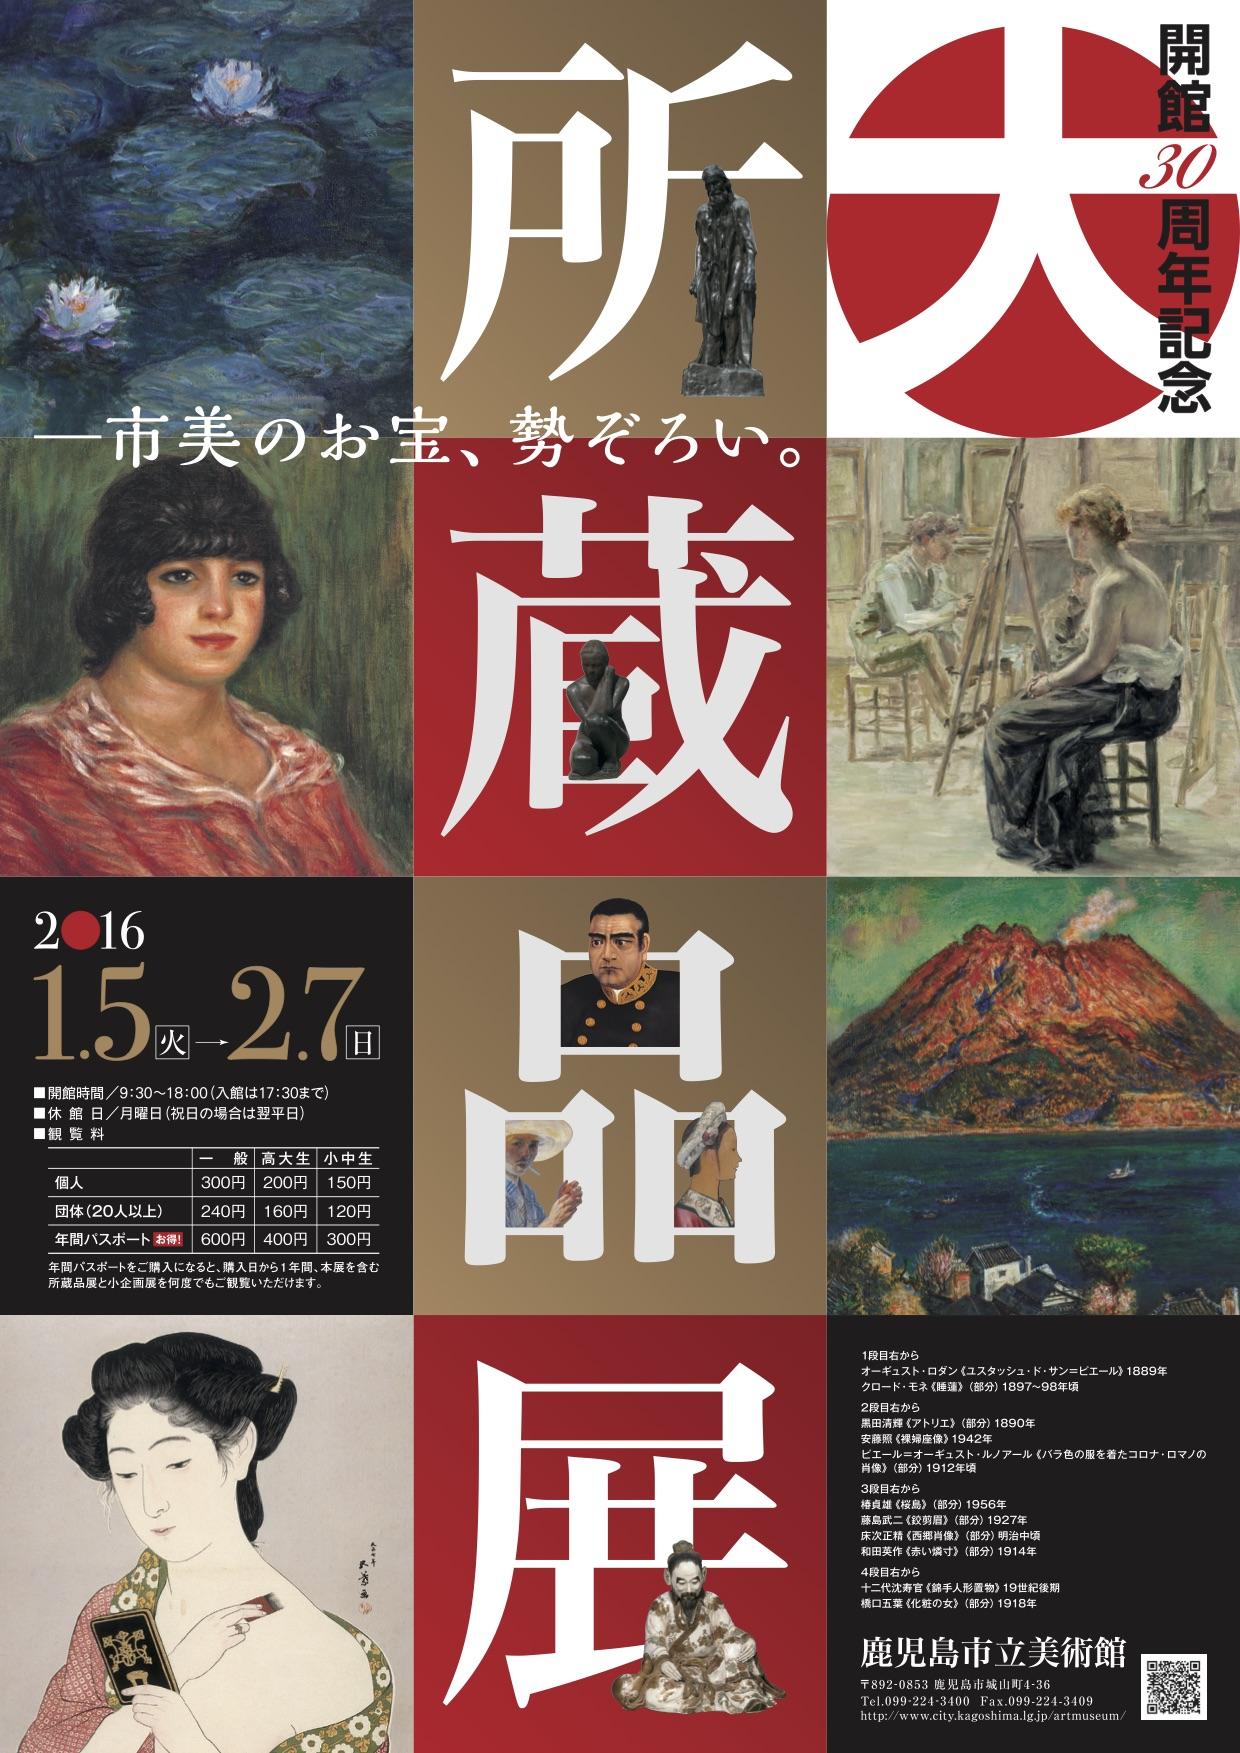 開館30周年記念 大所蔵品展 -- 市美のお宝、勢ぞろい